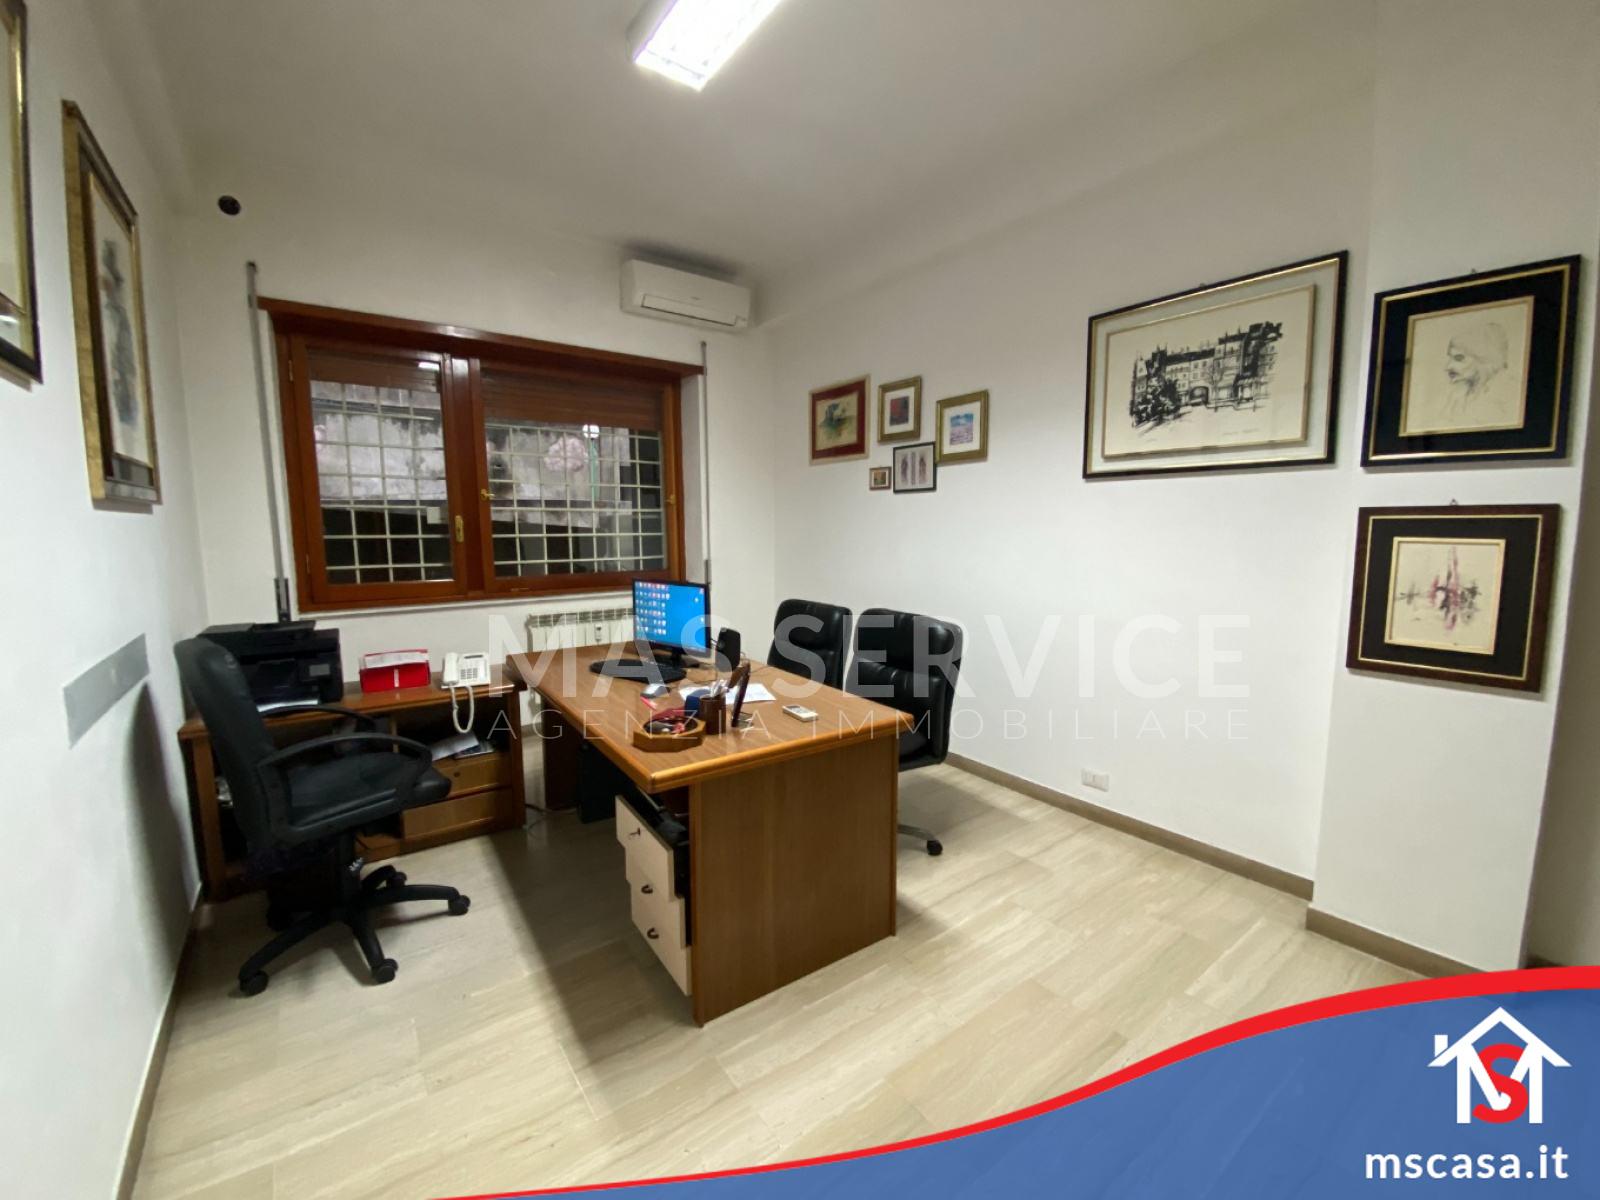 Appartamento in Vendita zona Montagnola a Roma Vista 1 Stanza